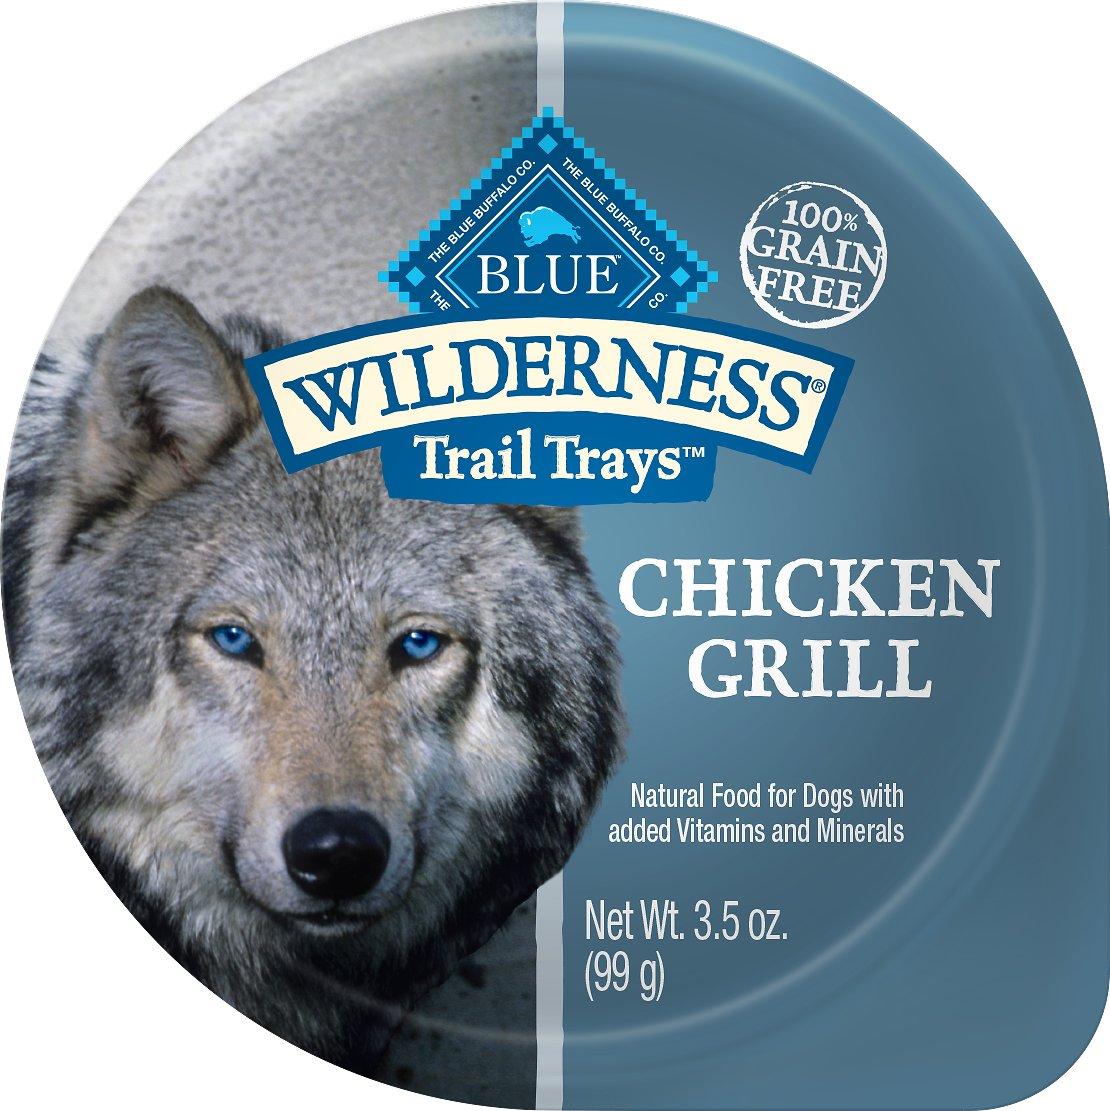 Blue Buffalo Wilderness Trail Trays Chicken Grill Formula Grain-Free Dog Food Trays, 3.5-oz